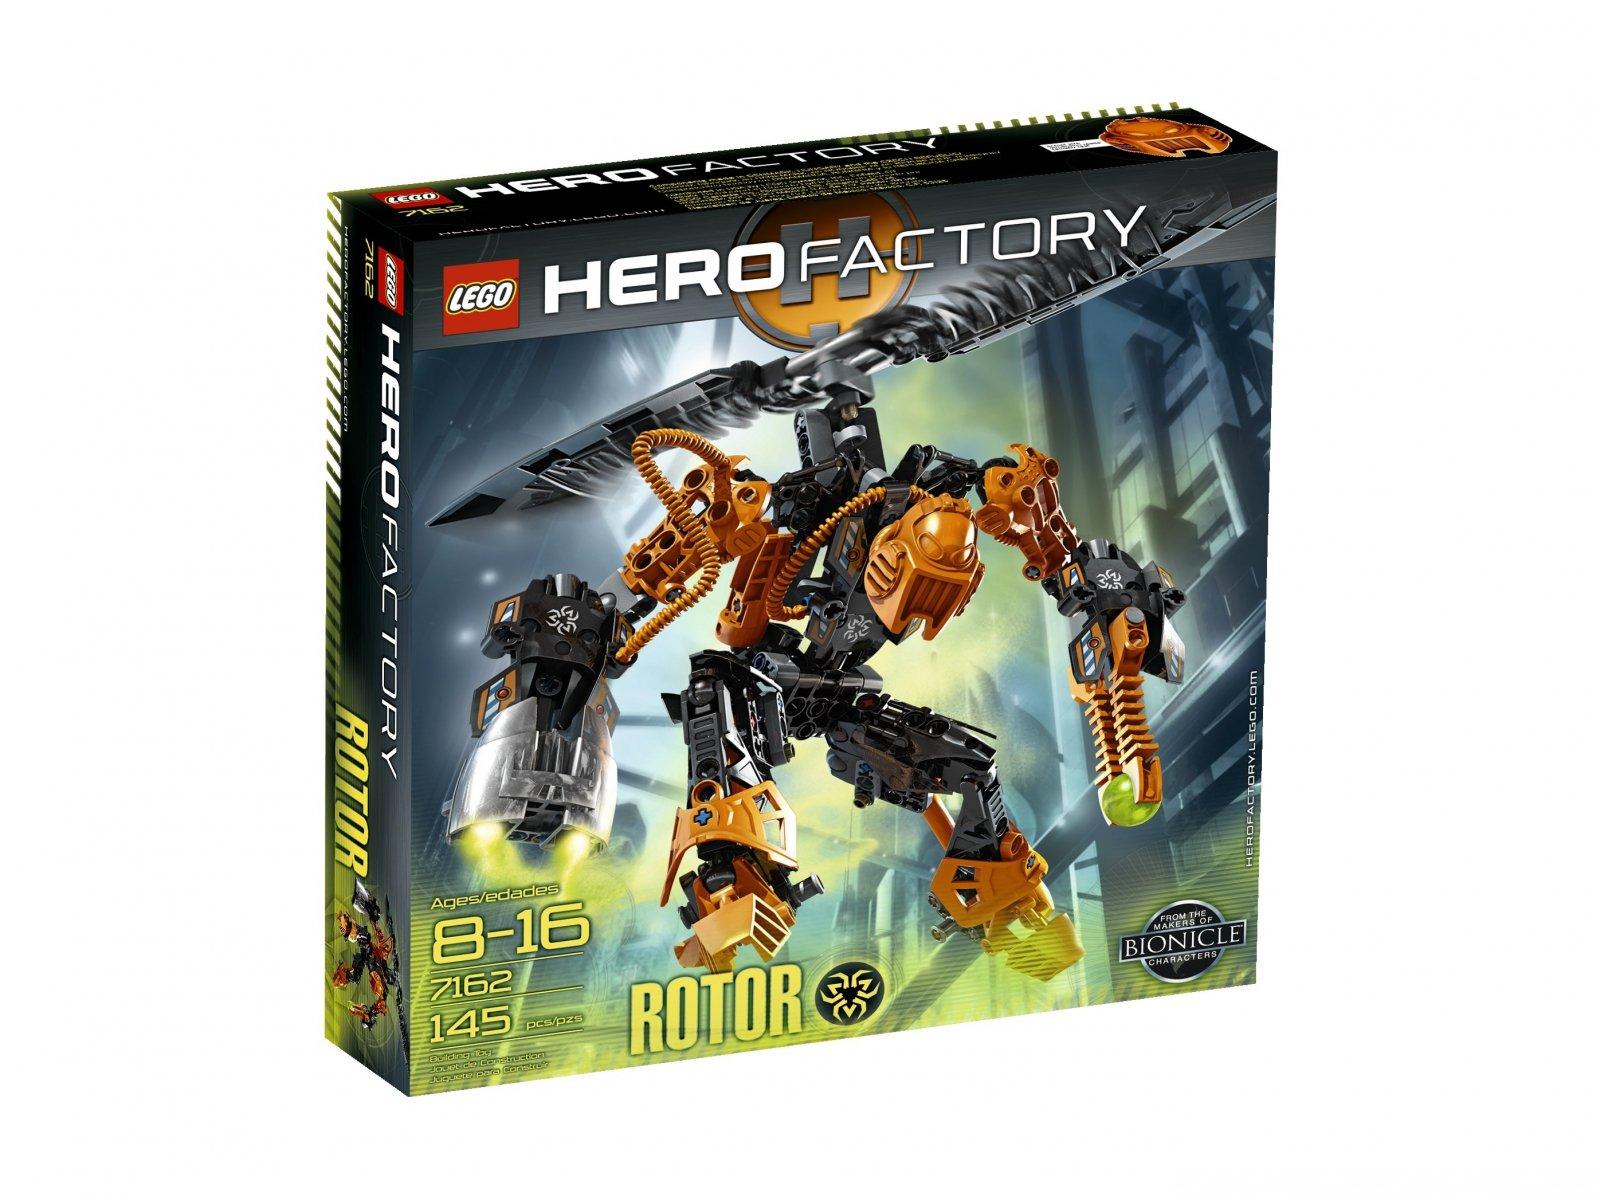 LEGO 7162 Rotor